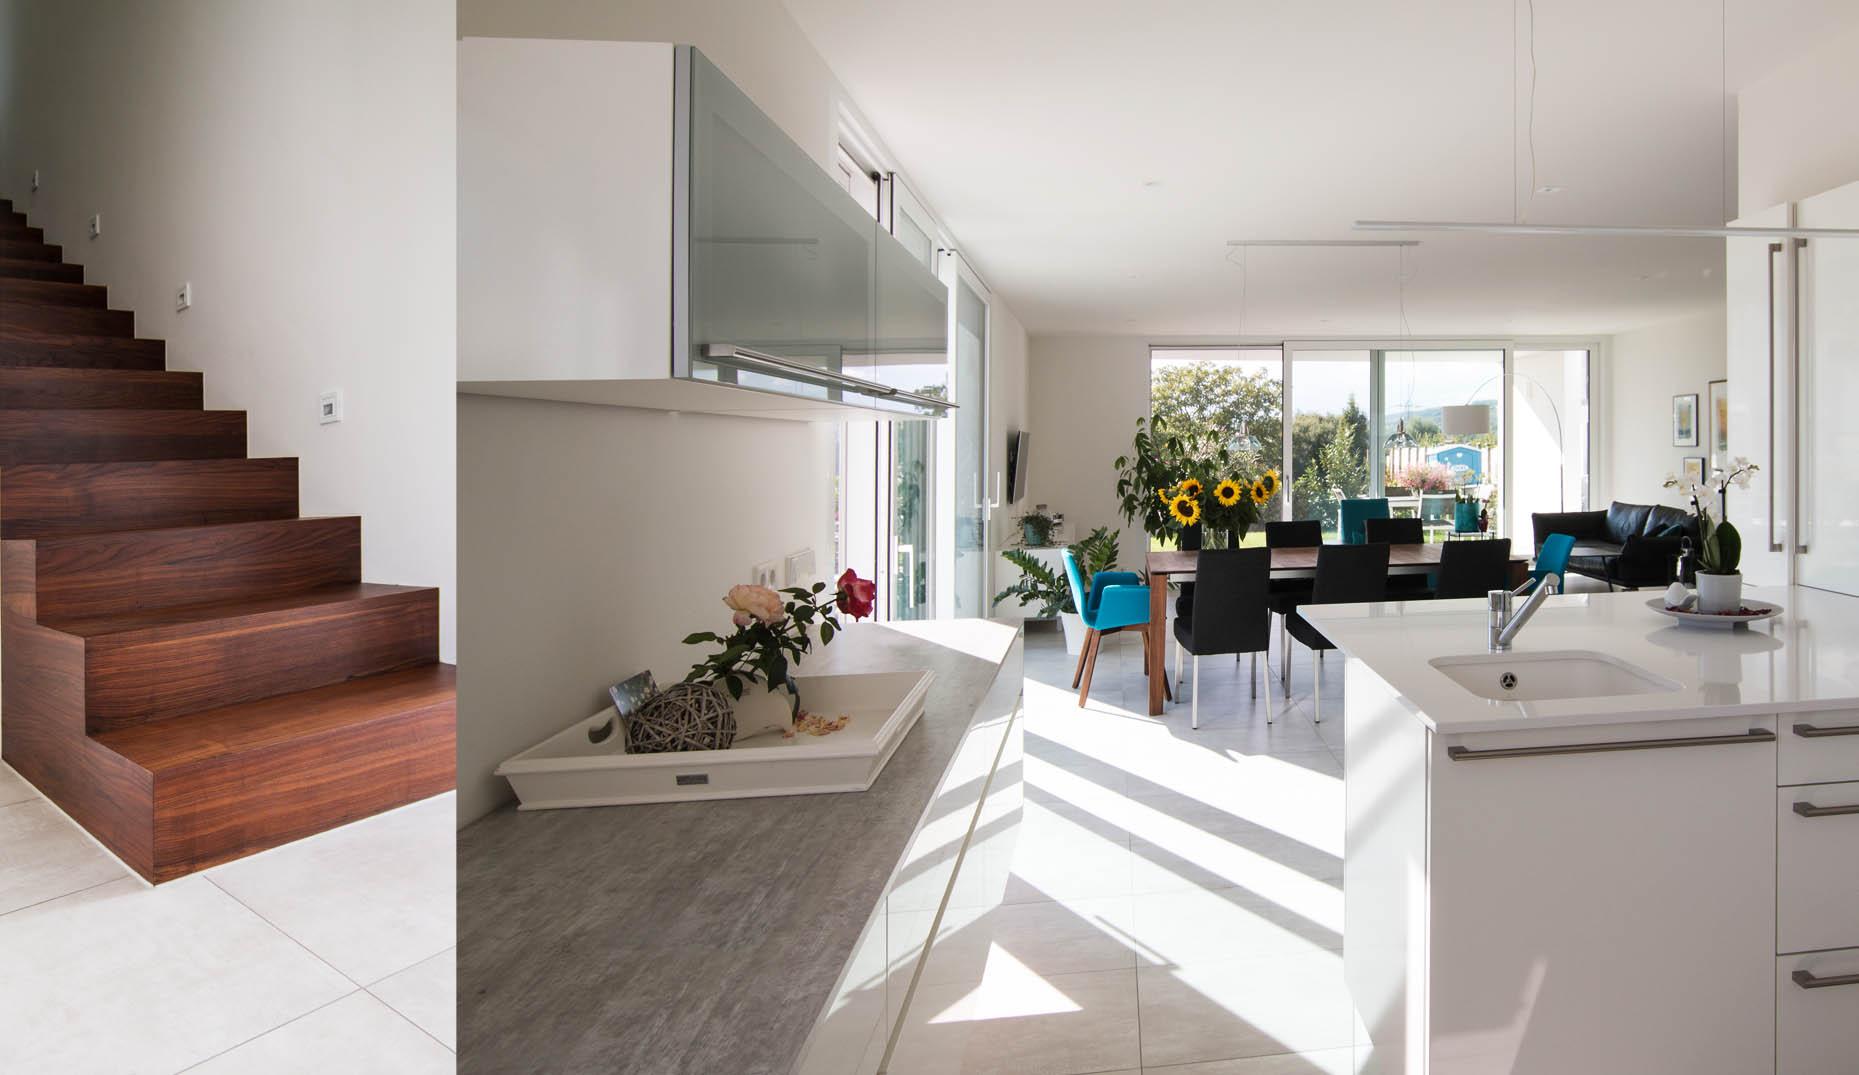 Eine Küche die einen offenen Zugang zum Wohnzimmer besitzt